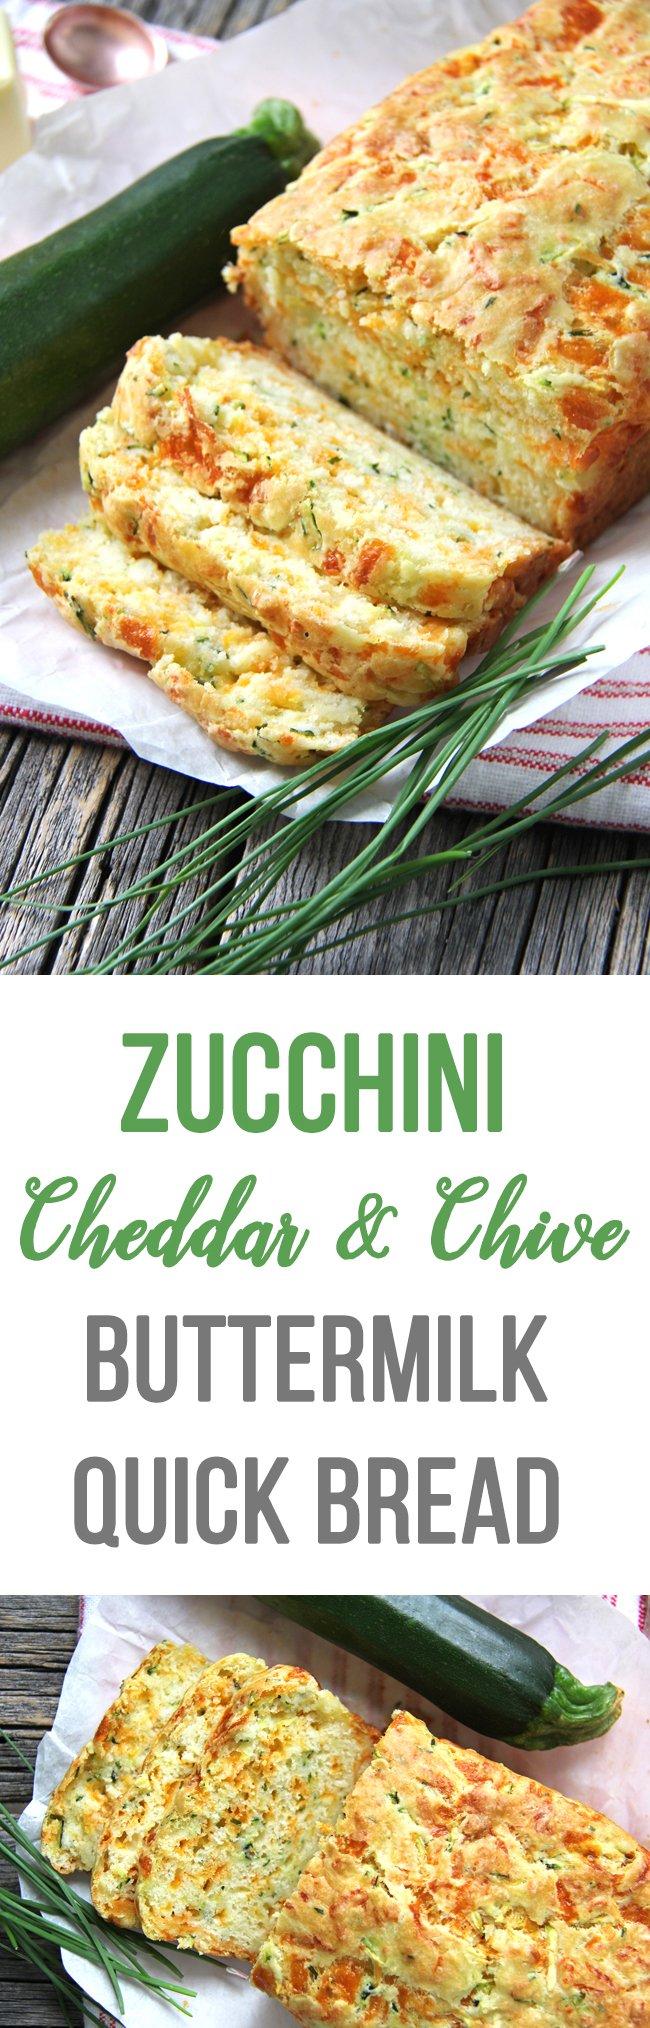 Zucchini Cheddar and Chive Buttermilk Quick Bread